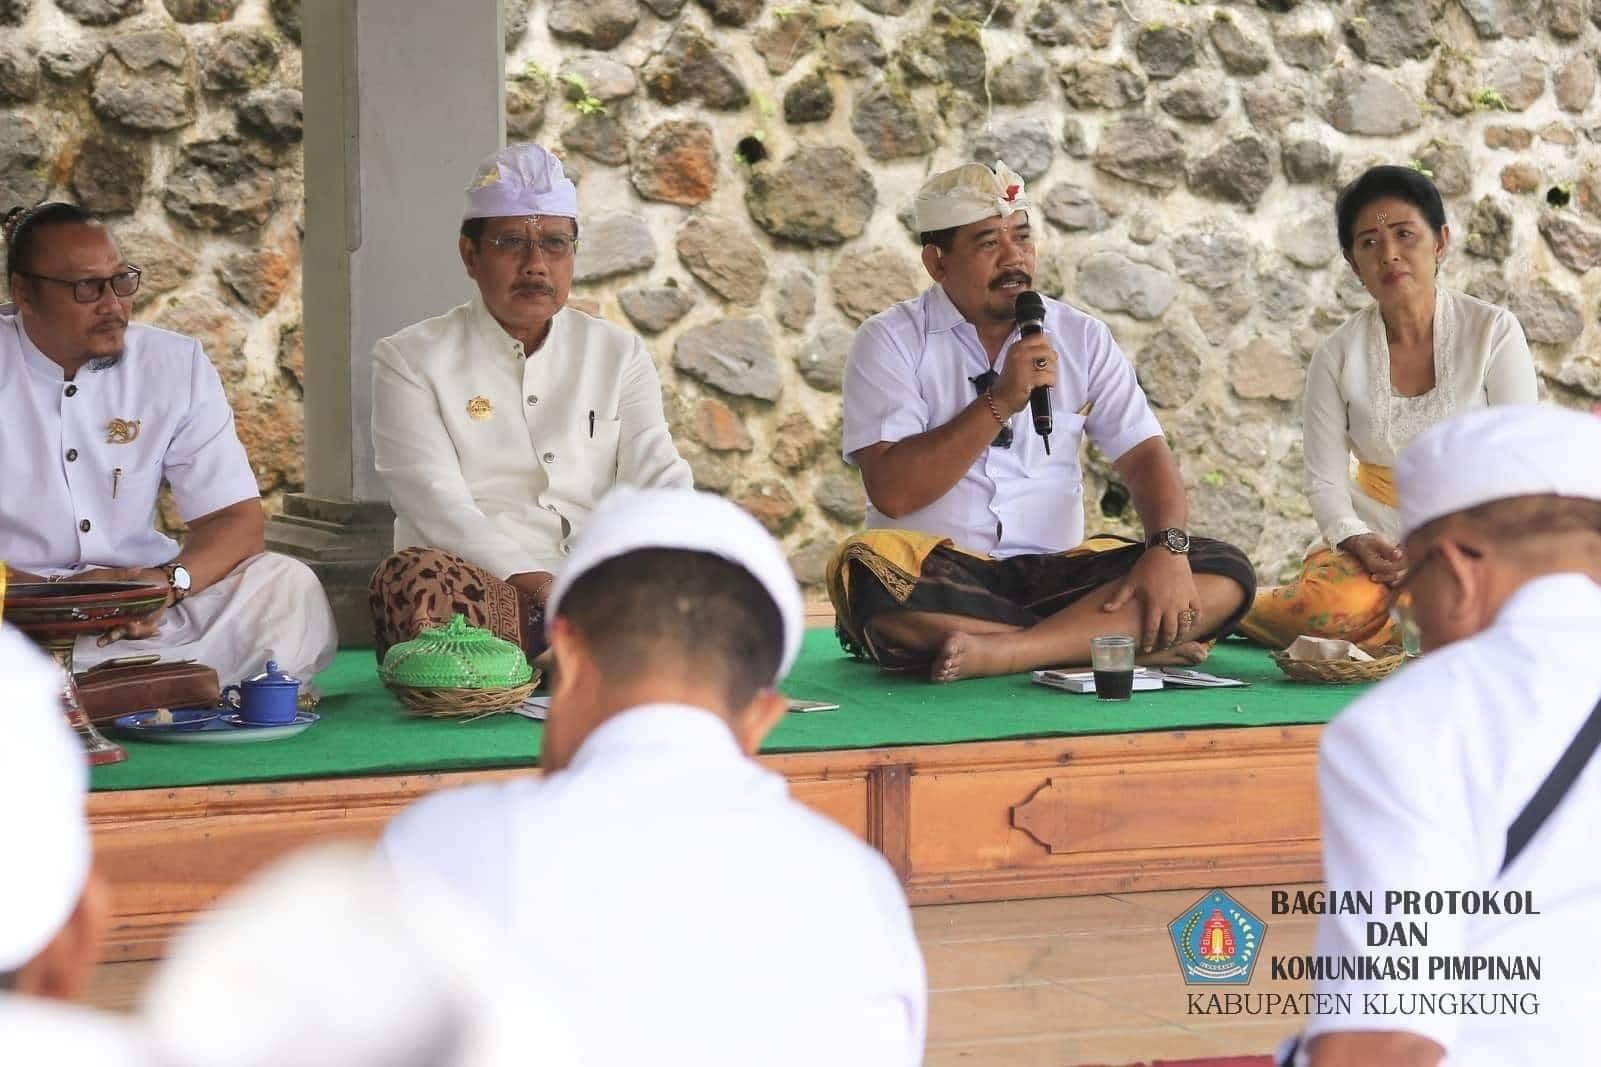 Wakil_Bupati_Klungkung_menghadiri_Rapat_Rutin_Pengurus.jpg